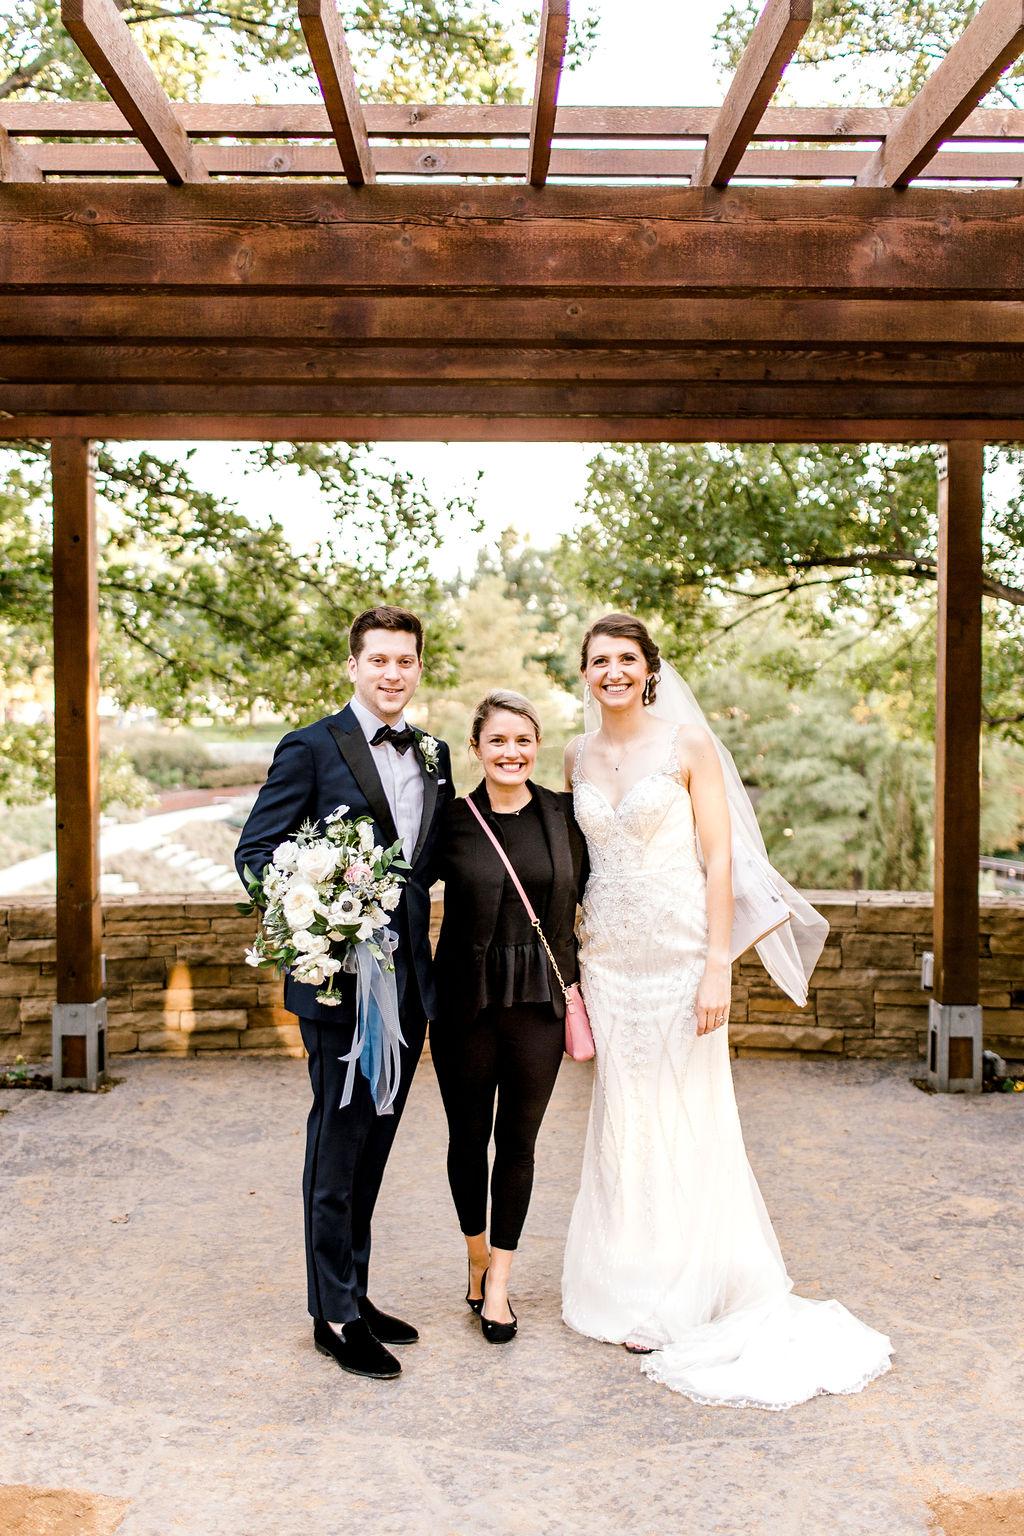 peppers-wedding-10.20.18-757.jpg